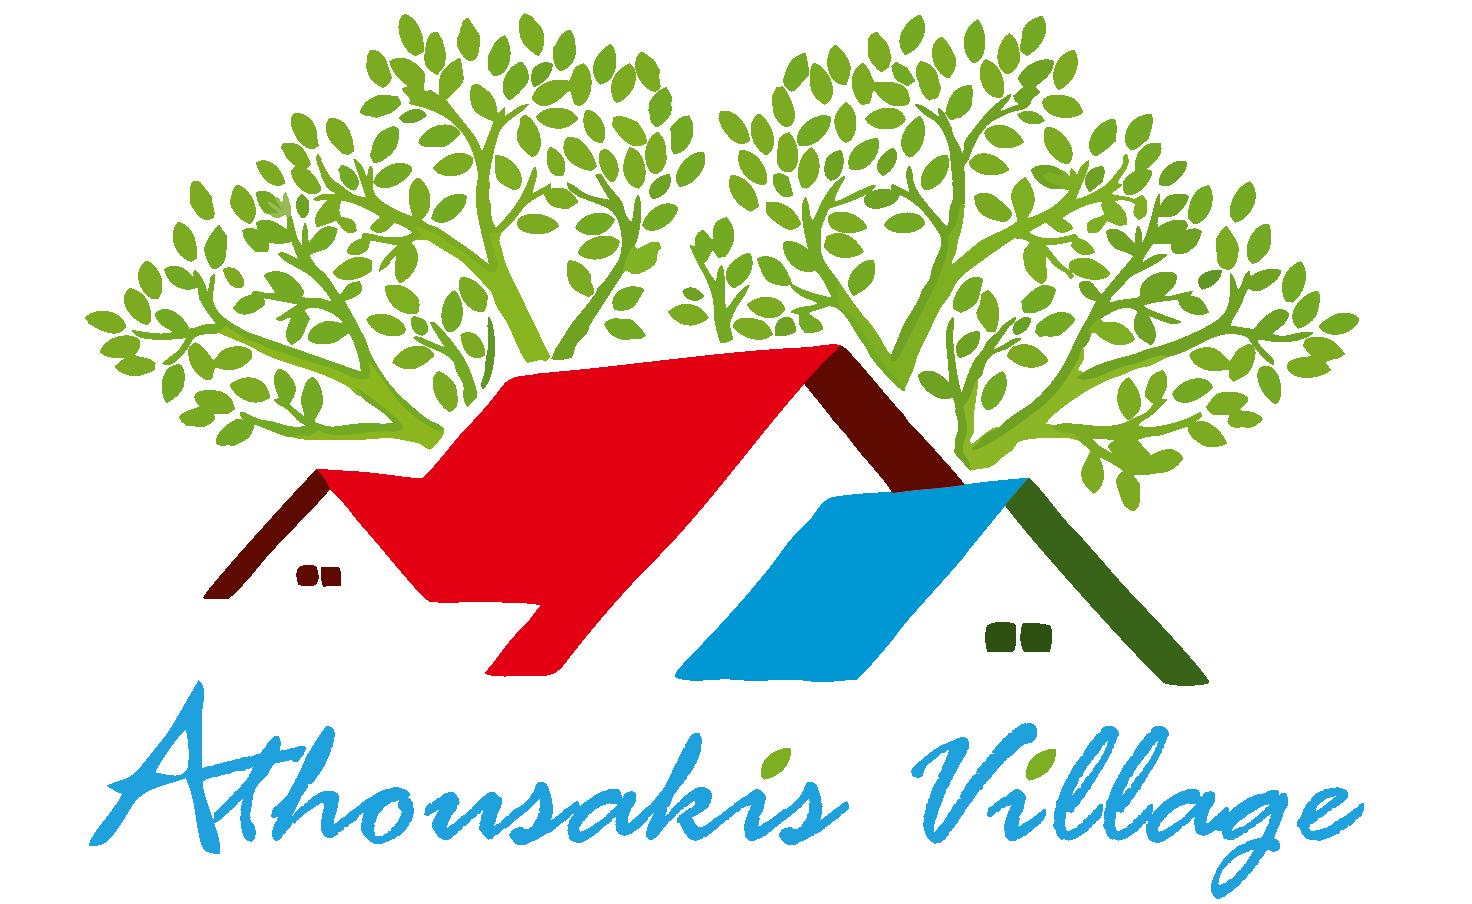 Antousakis-Logo-Final-2